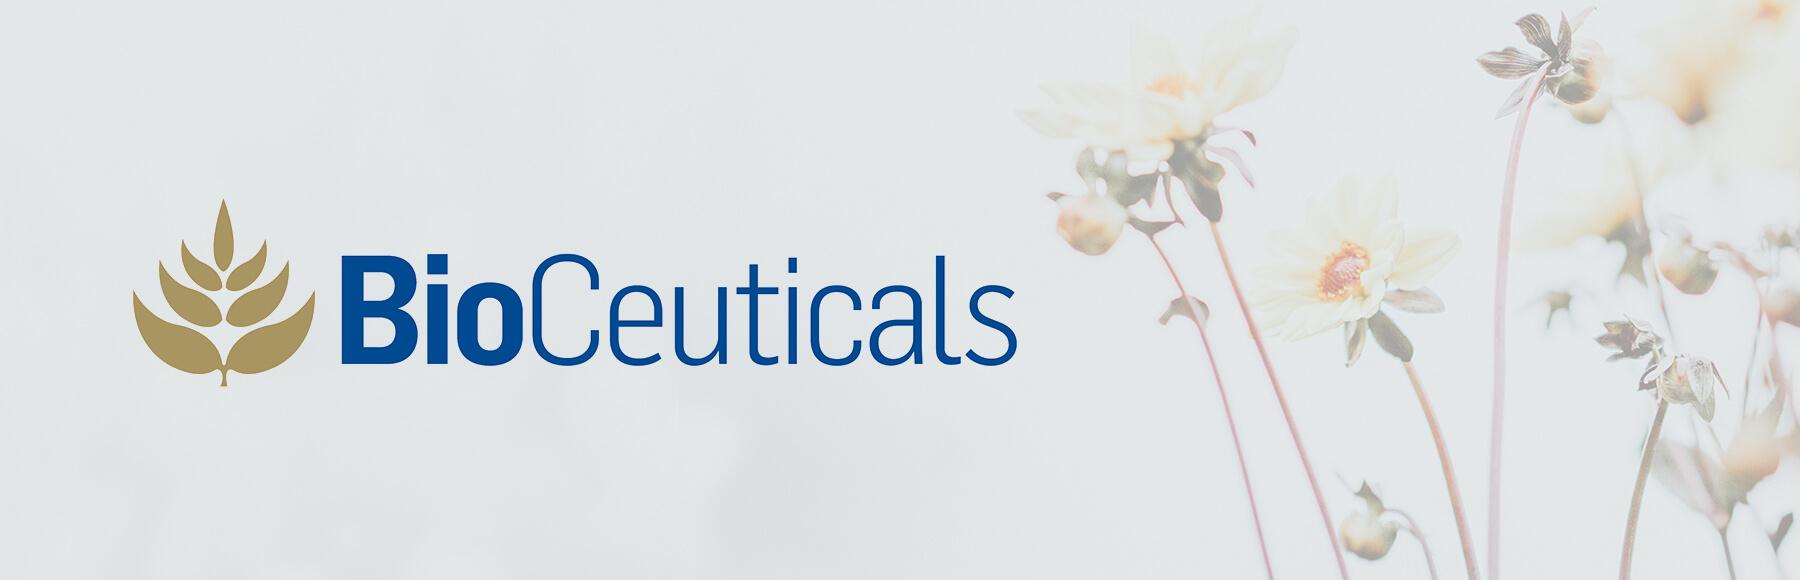 bioceuticals-banner.jpg